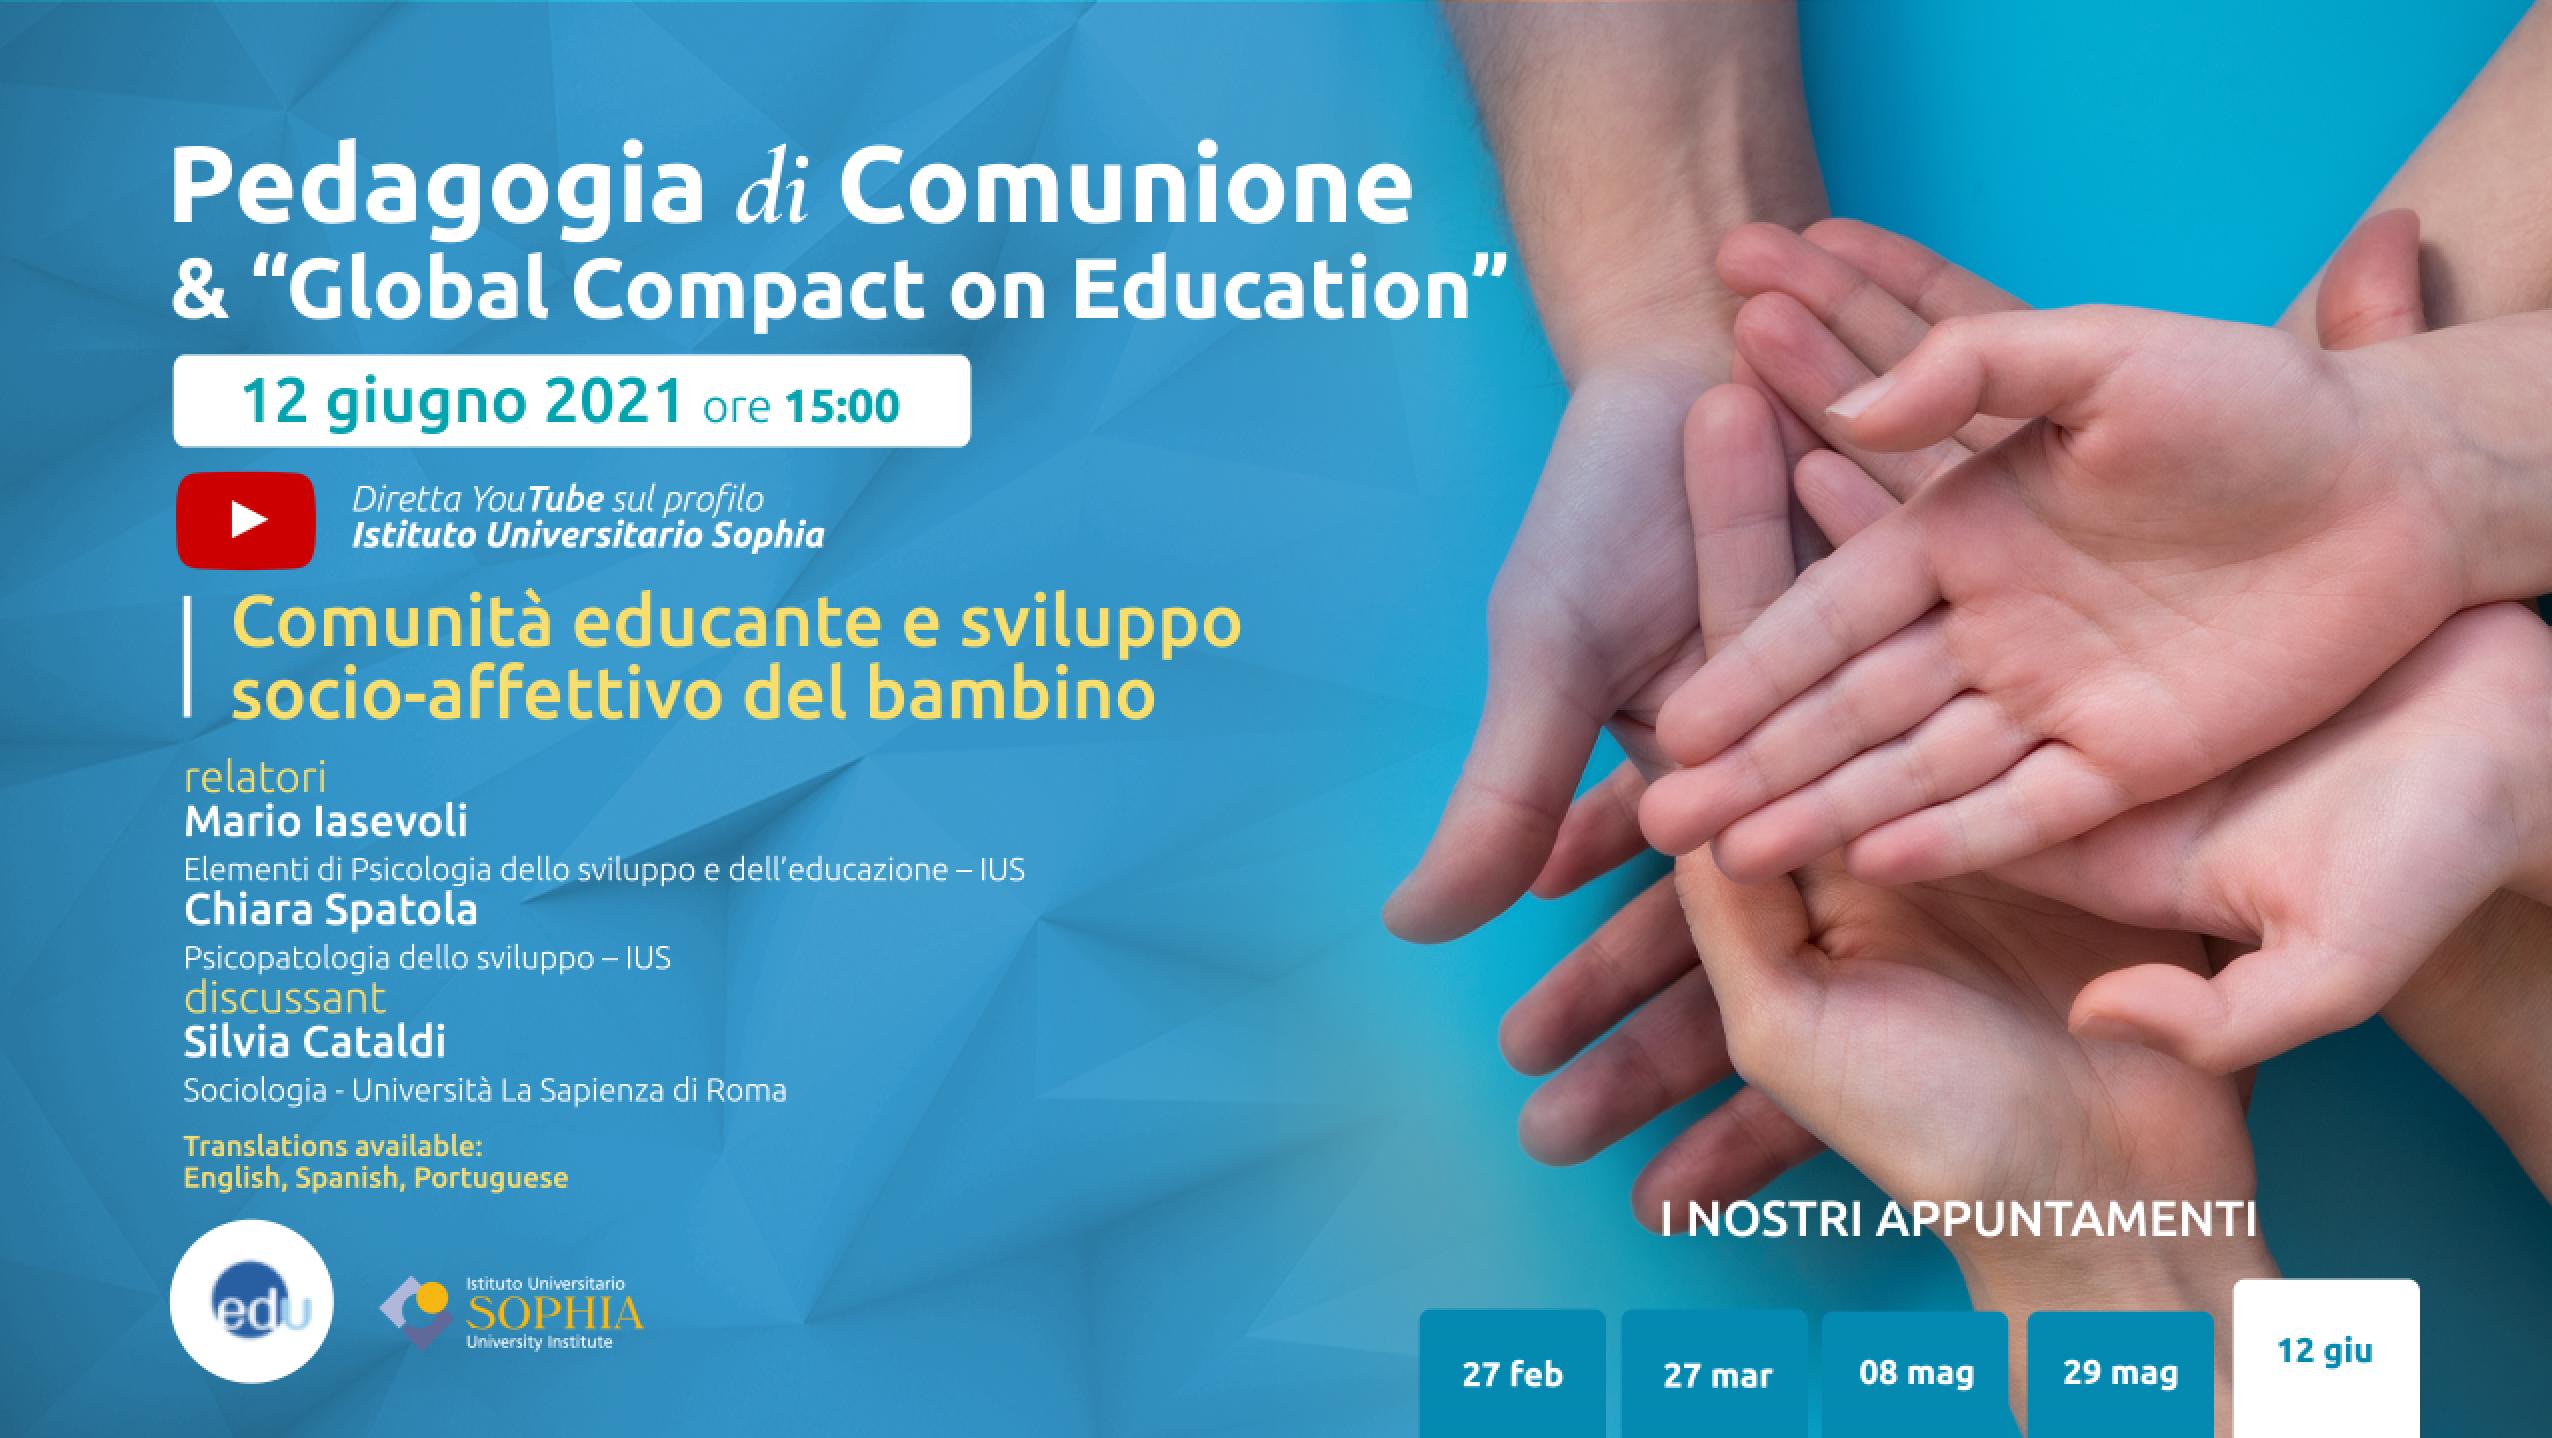 Webinar Pedagogia di Comunione e Global Compact on Education - 12 giugno 2021